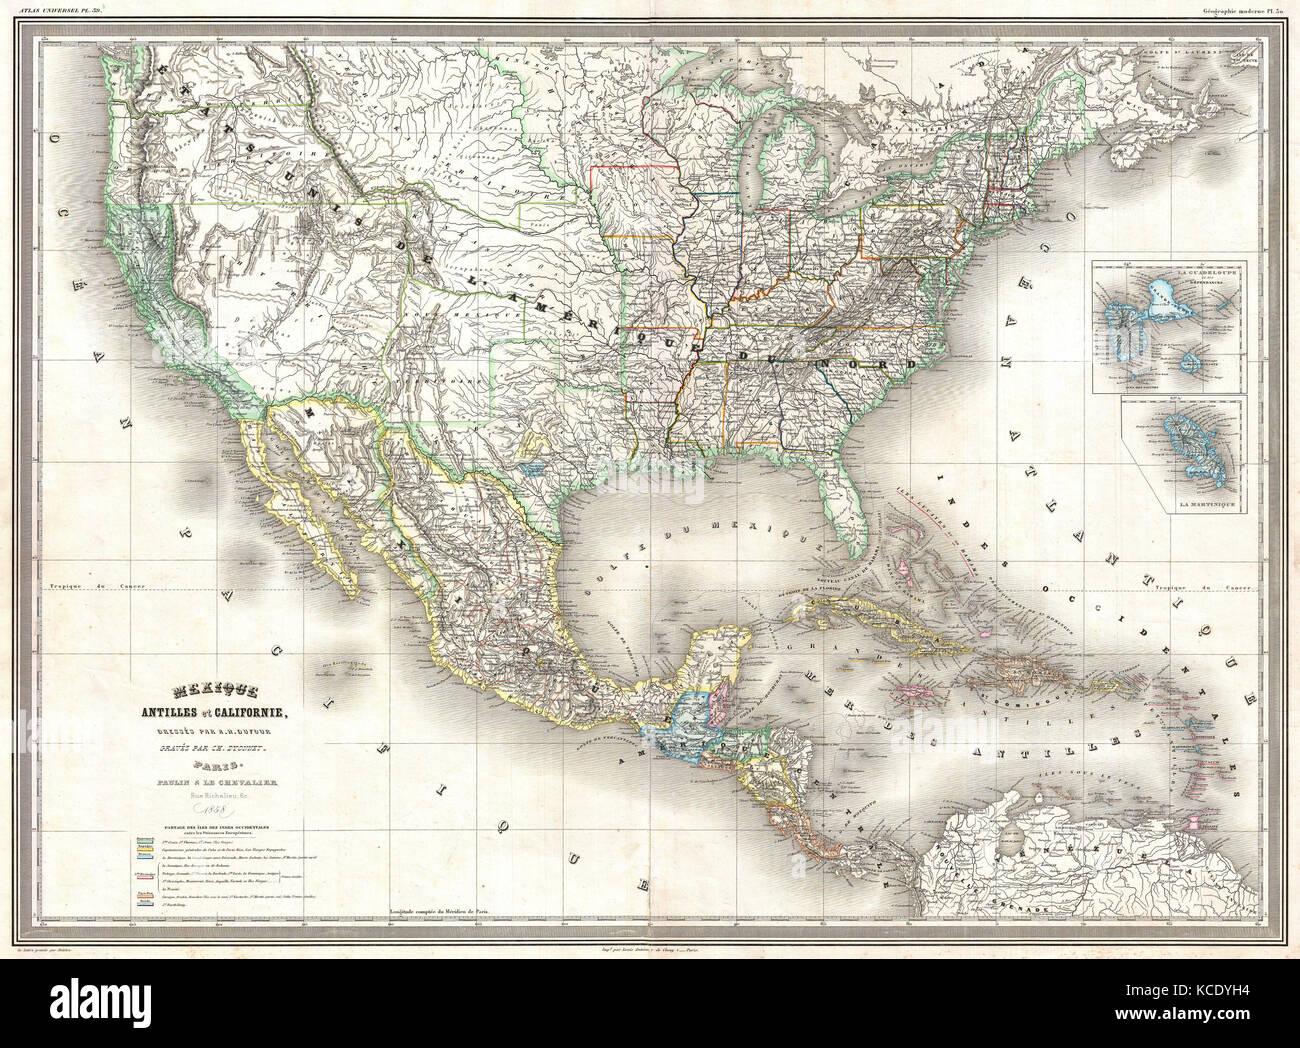 Historic Maps United States Stock Photos & Historic Maps United ...